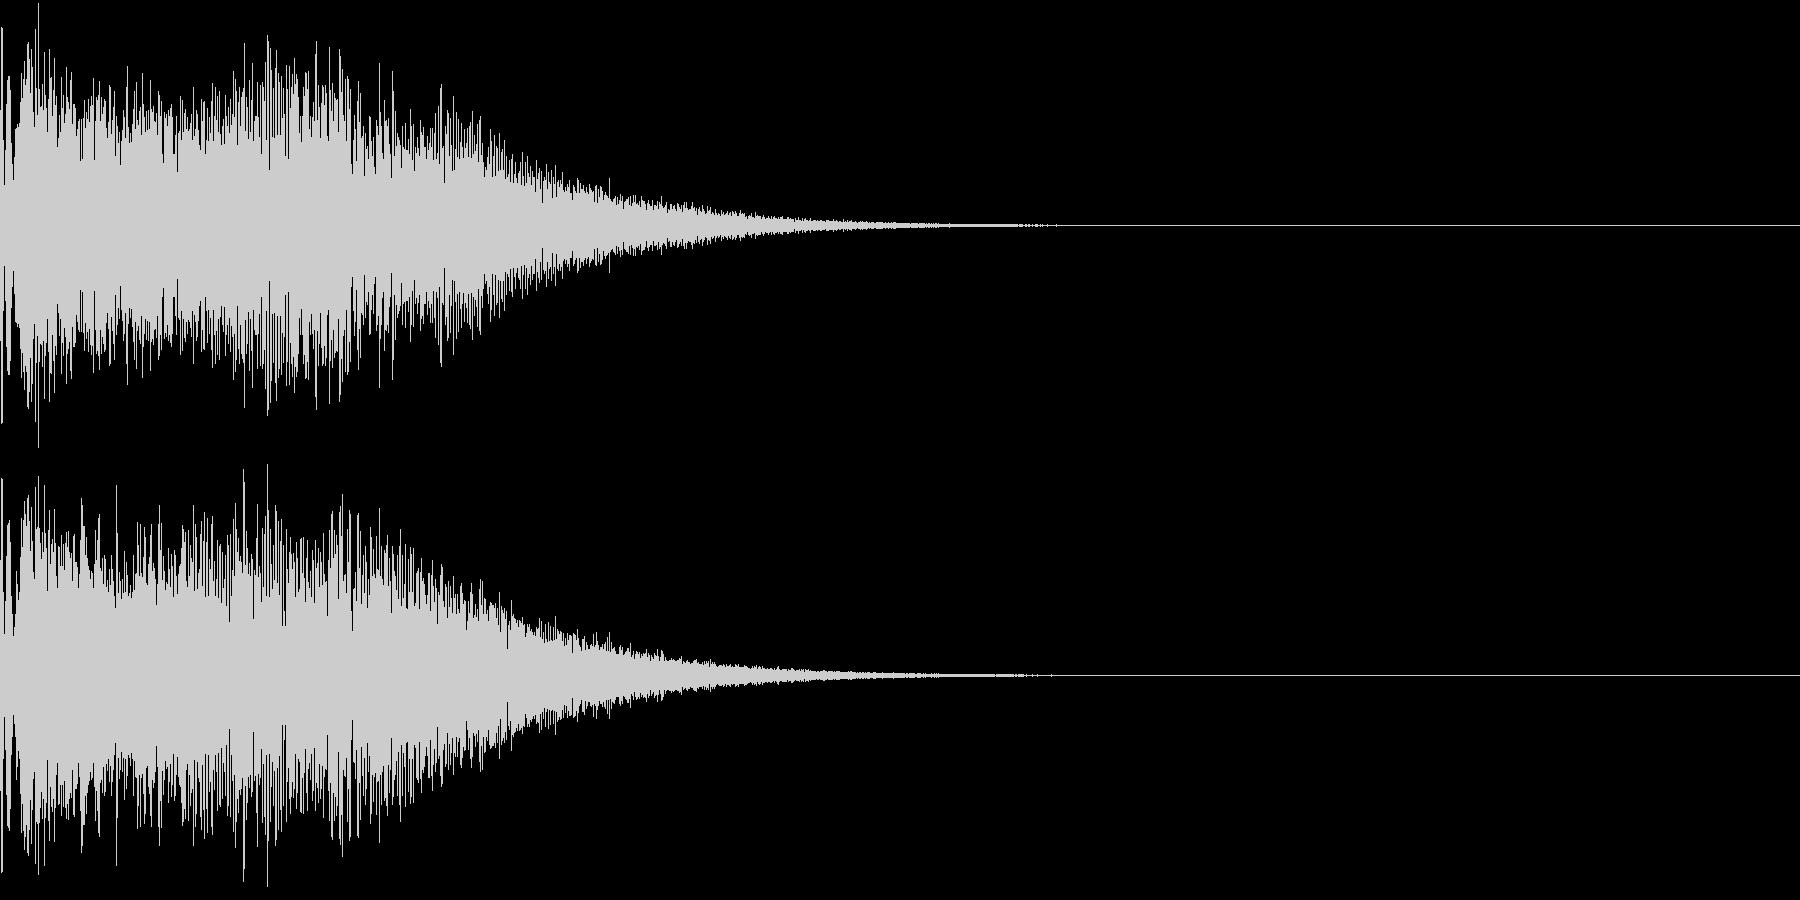 キュイン キーン シャキーン 光る 05の未再生の波形